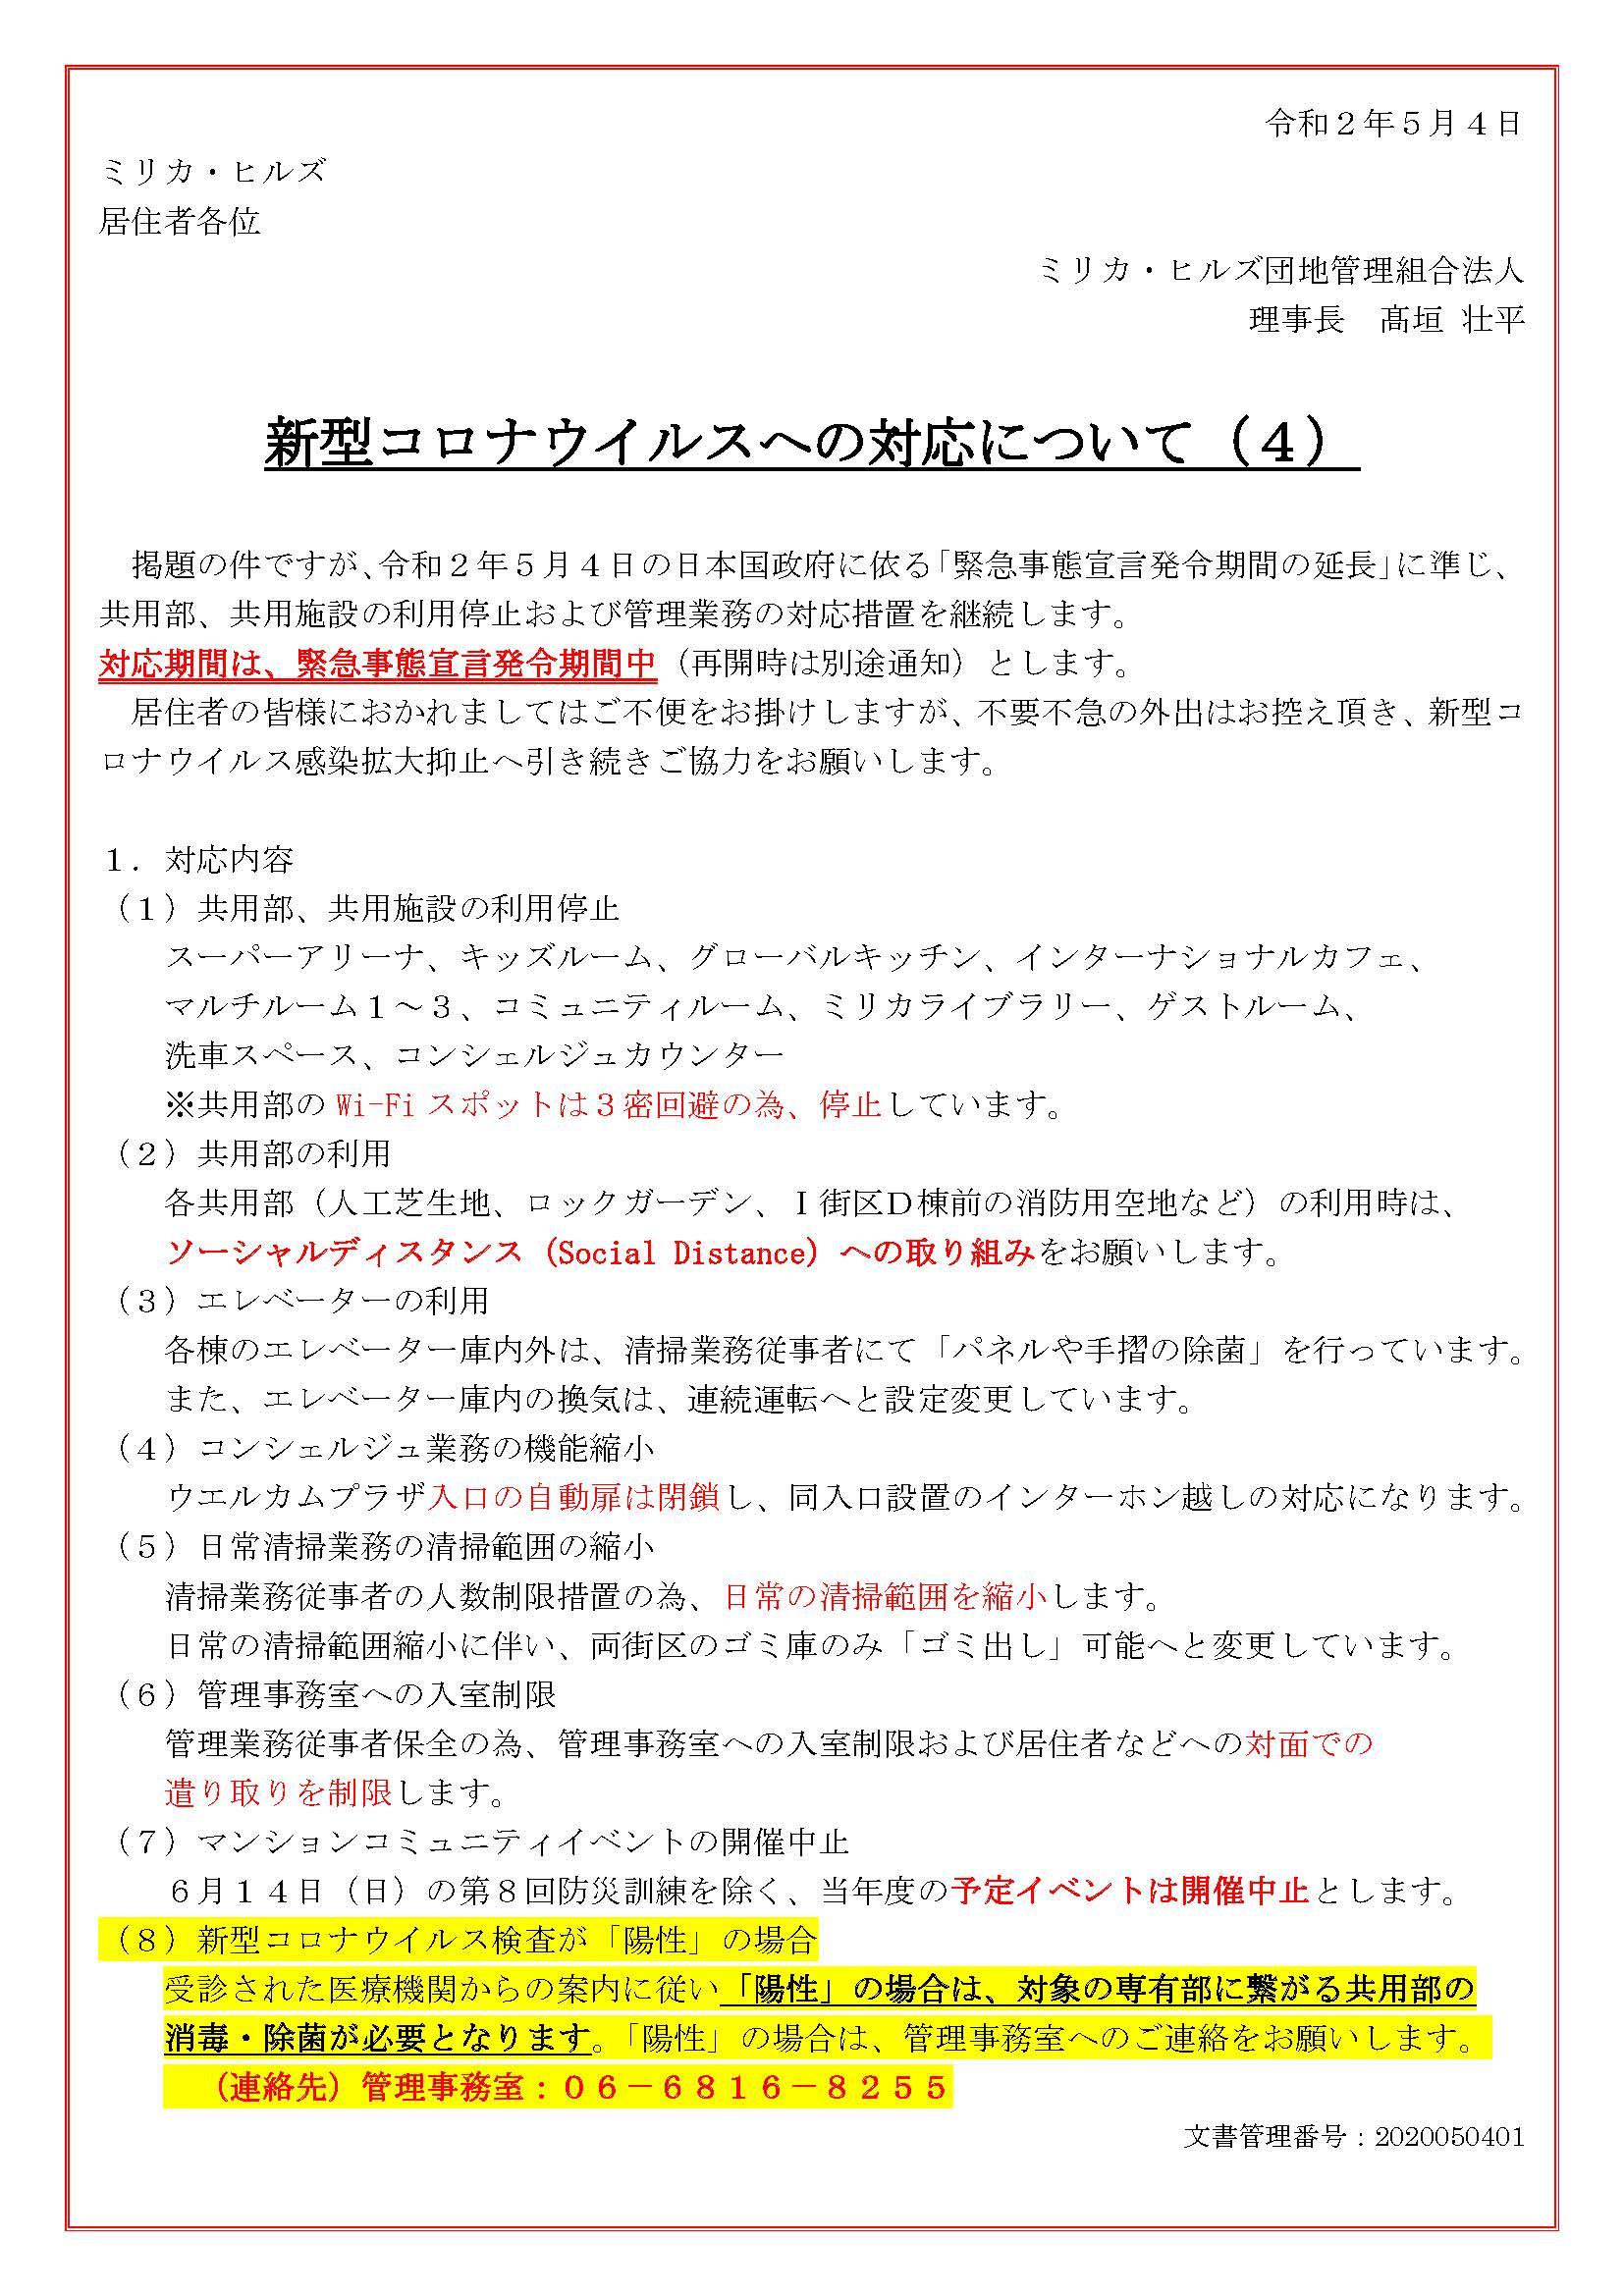 新型コロナウイルスへの対応に関するお知らせ(4)